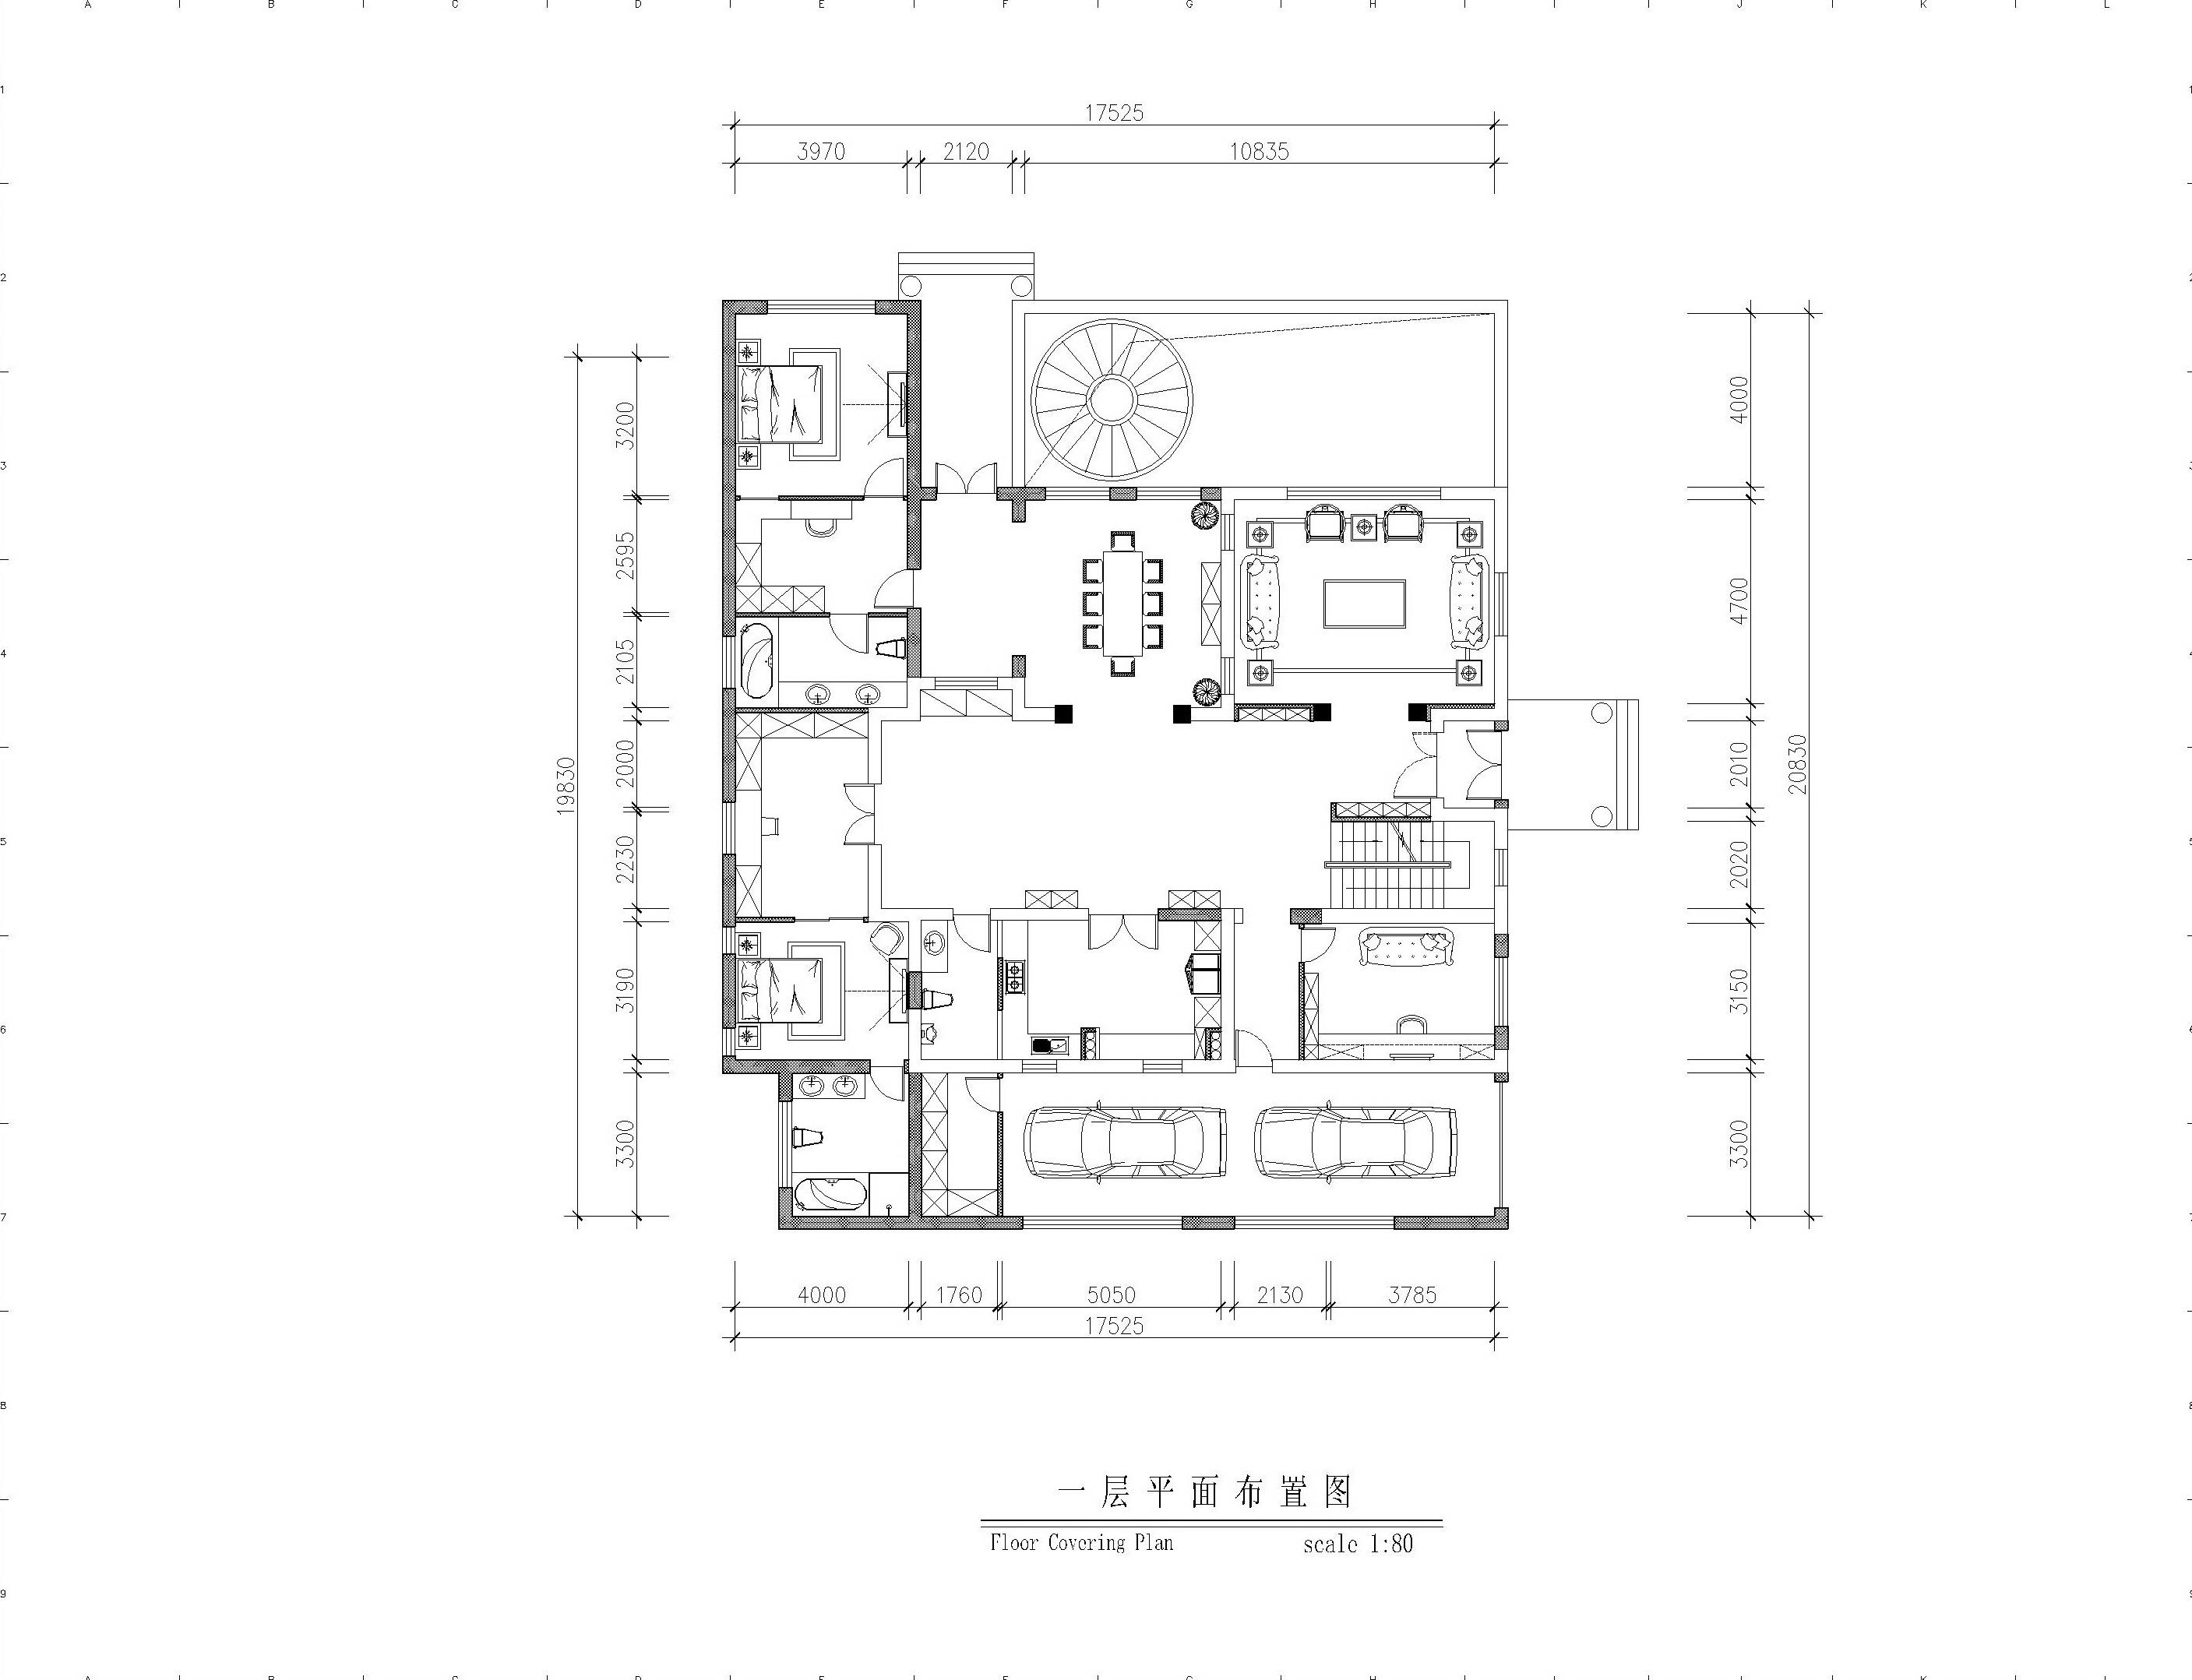 古典 别墅 典雅、端庄 时代特征 户型图图片来自北京精诚兴业装饰公司在桃花源2的分享